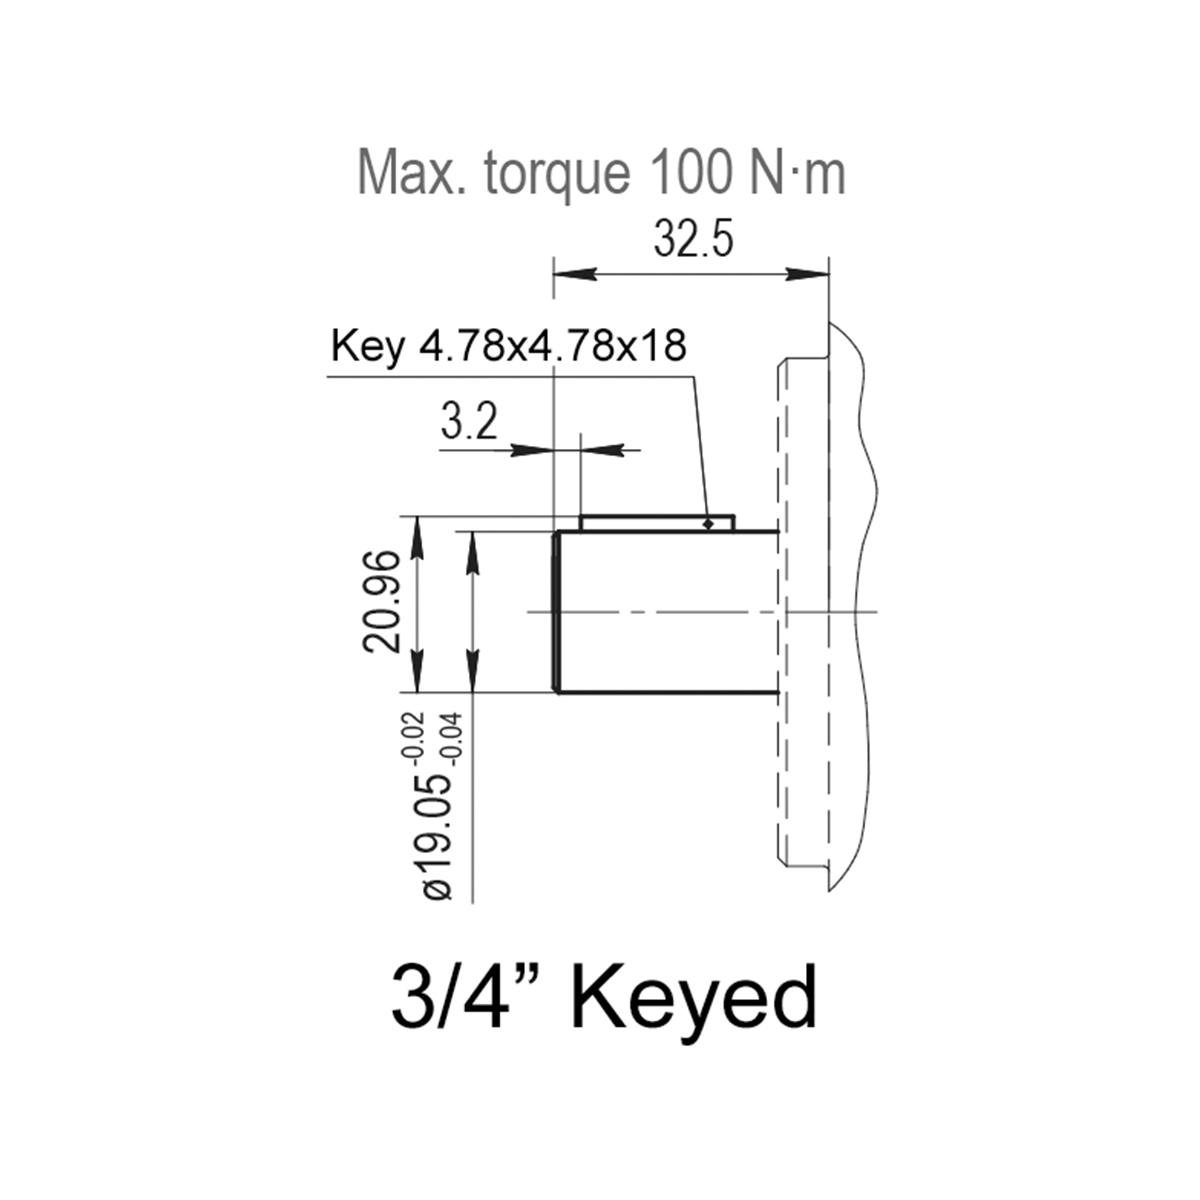 0.97 CID hydraulic gear pump, 3/4 keyed shaft clockwise gear pump | Magister Hydraulics